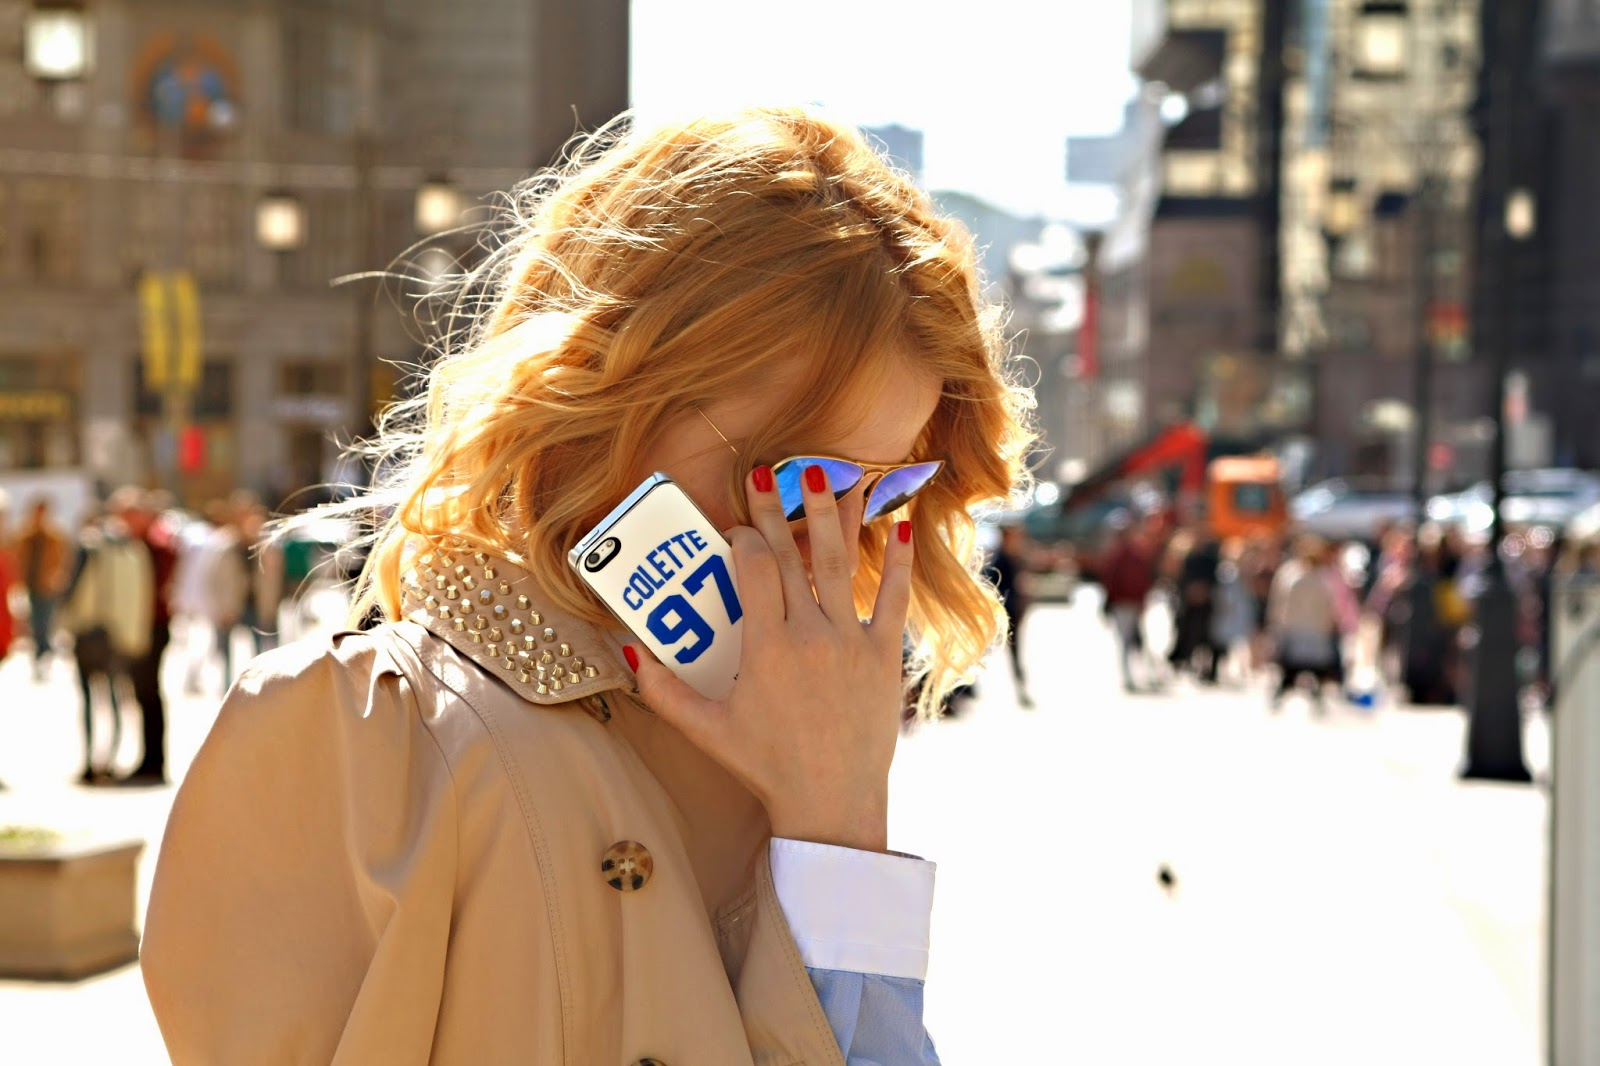 ИринаПавлова, коста де ла мода, costa de la moda, весенние тренды 2014, блоггеры